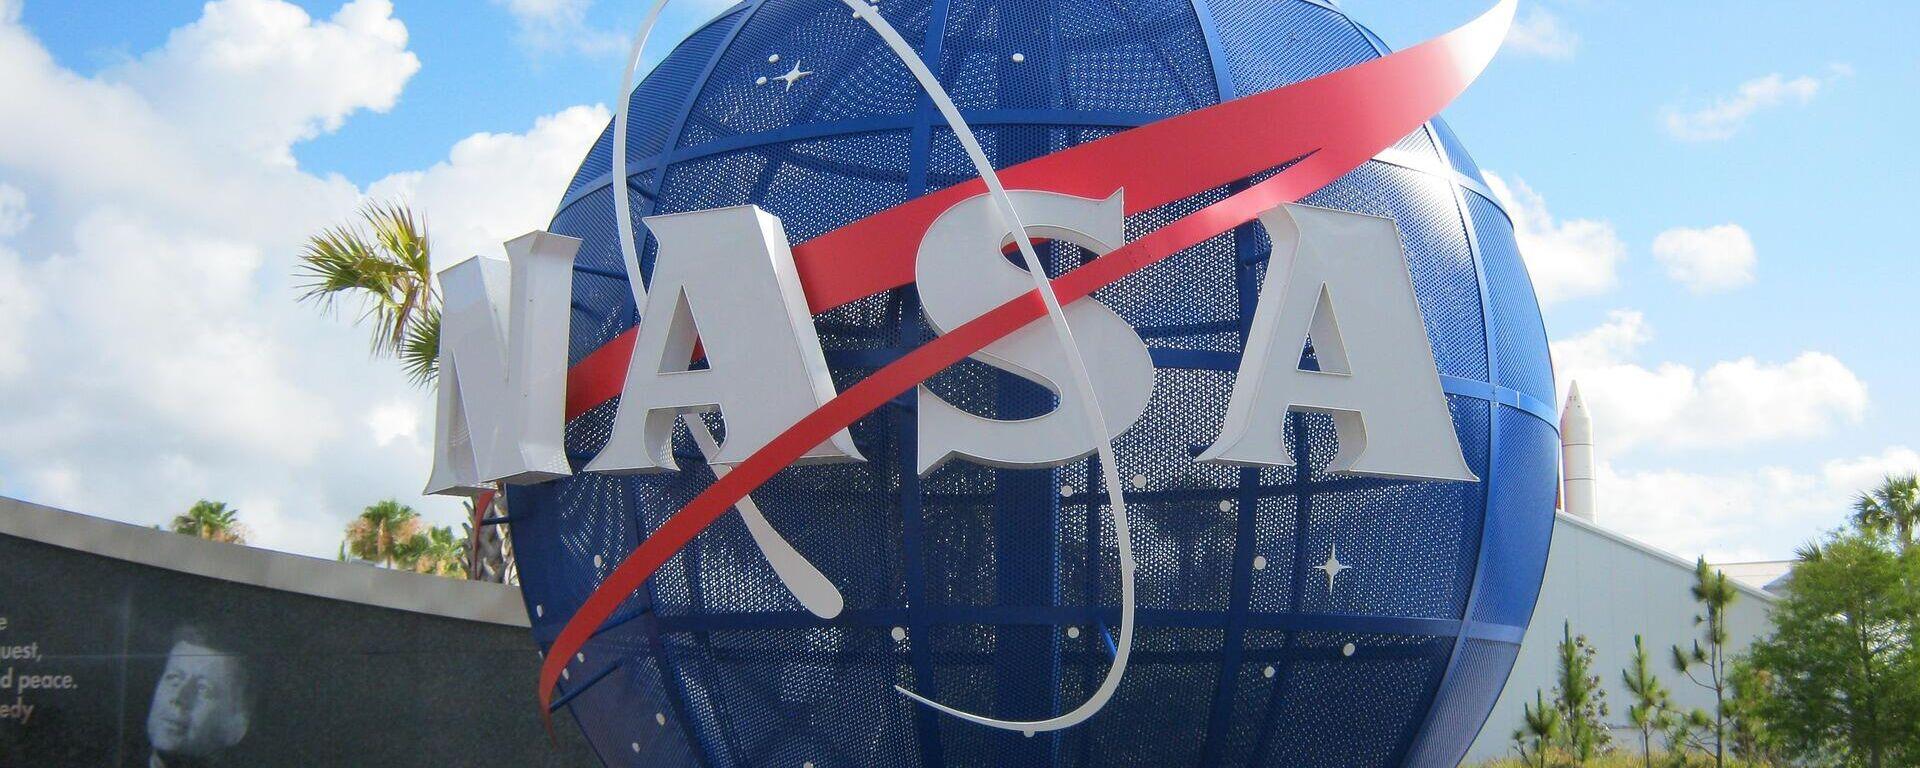 NASA (Symbolbild) - SNA, 1920, 18.02.2021